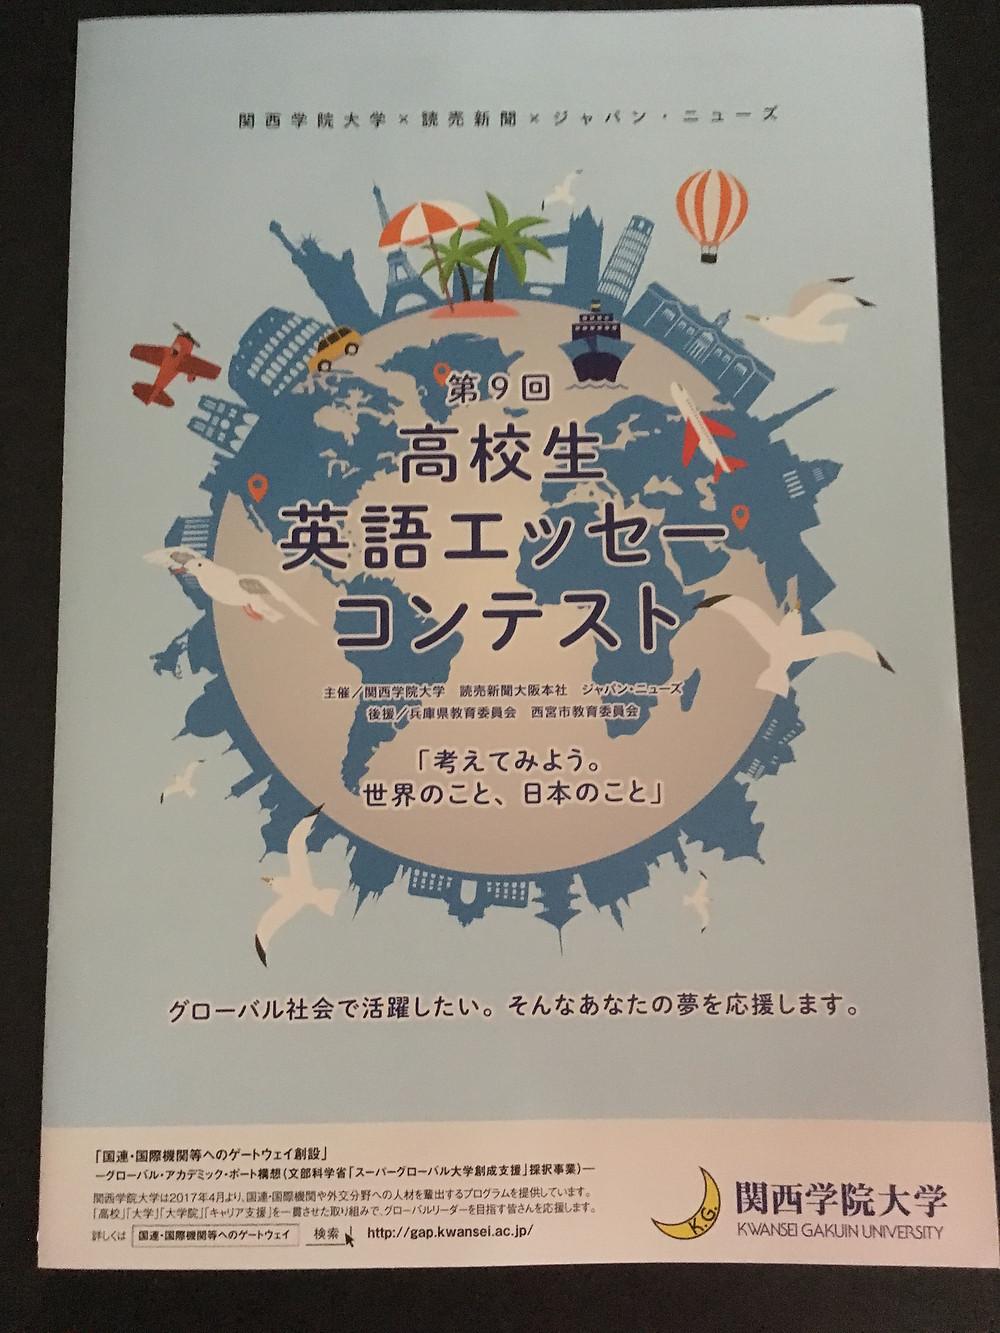 第9回高校生英語エッセーコンテスト:挑戦の素晴らしさ